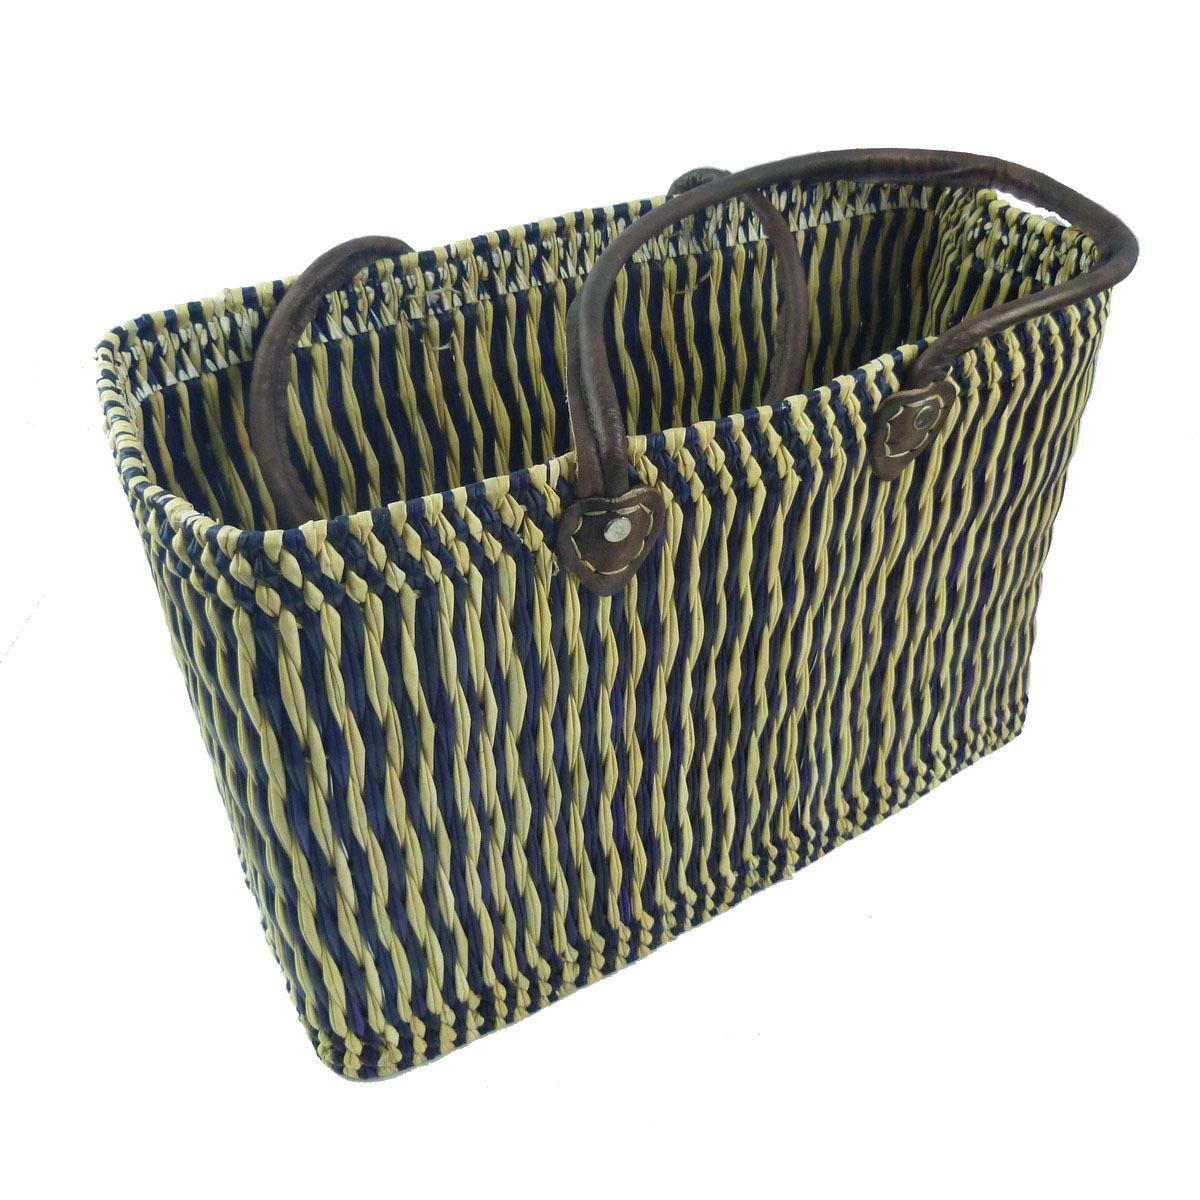 seegras tasche korb einkaufstasche einkaufskorb flechtkorb korbtasche klein l ebay. Black Bedroom Furniture Sets. Home Design Ideas